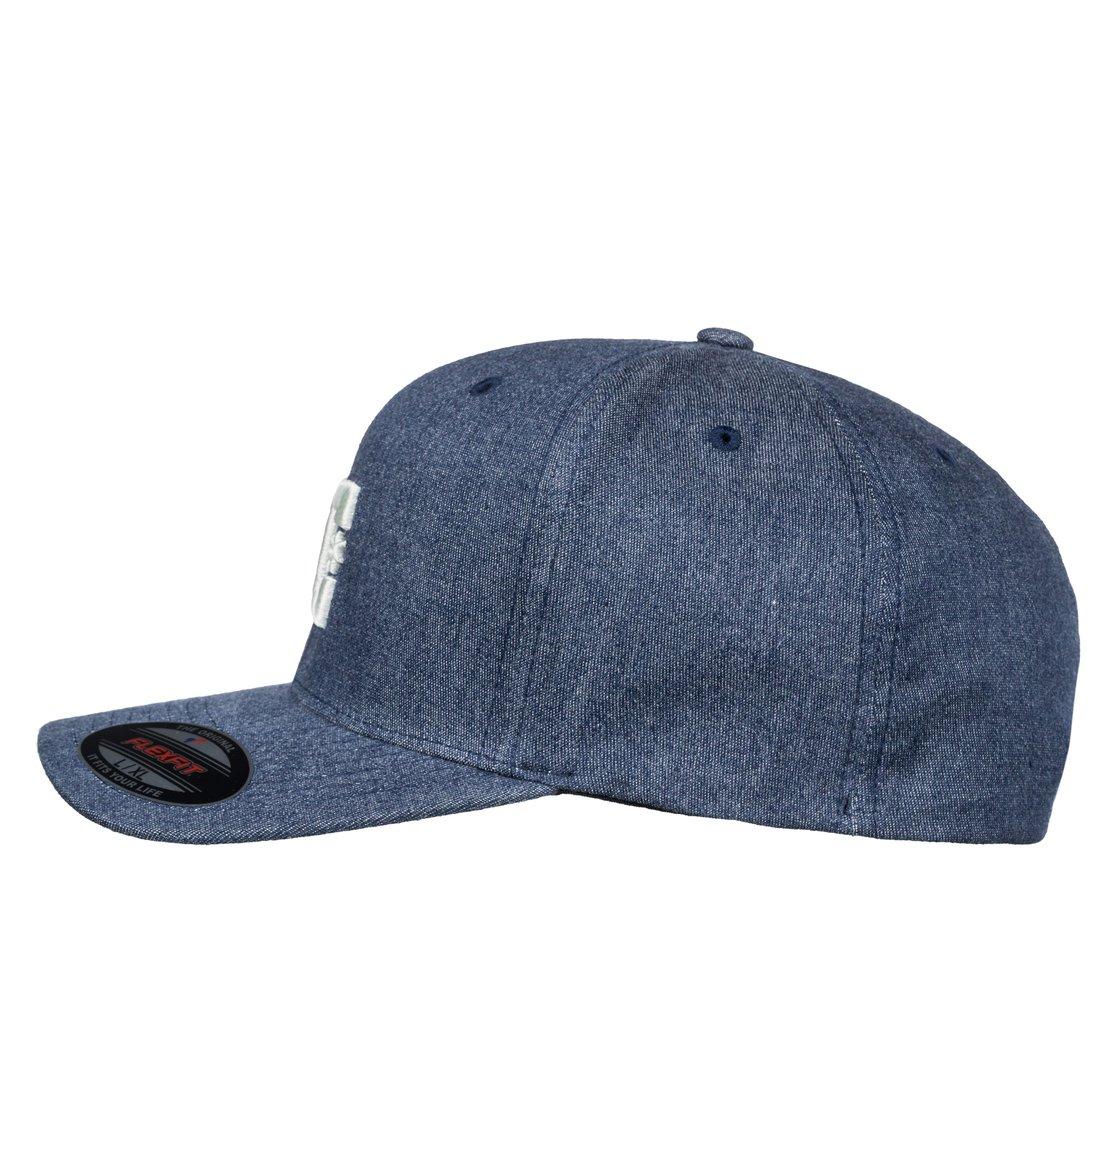 c4364299fc626 1 Capstar TX Flexfit Hat Blue ADYHA03561 DC Shoes